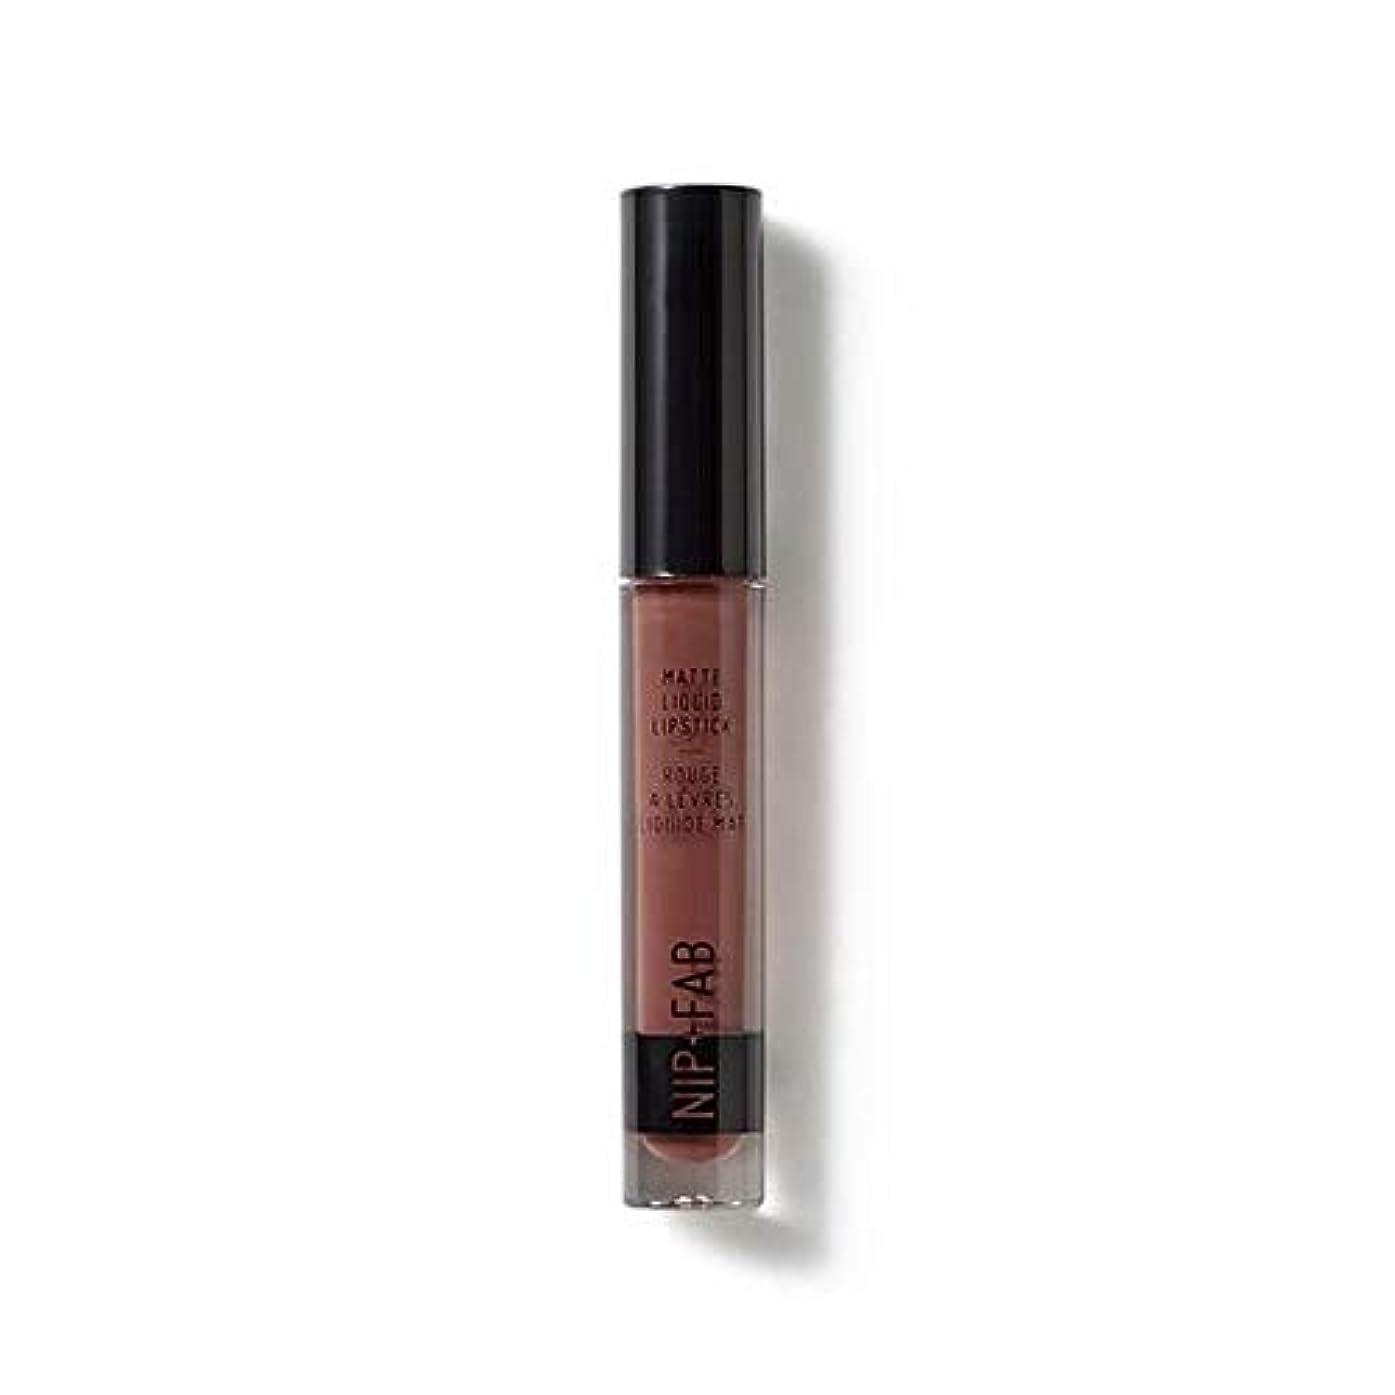 故障中スペイントランクライブラリ[Nip & Fab ] マット液状口紅2.6ミリリットルブラウニー50を構成するFab +ニップ - NIP+FAB Make Up Matte Liquid Lipstick 2.6ml Brownie 50 [並行輸入品]